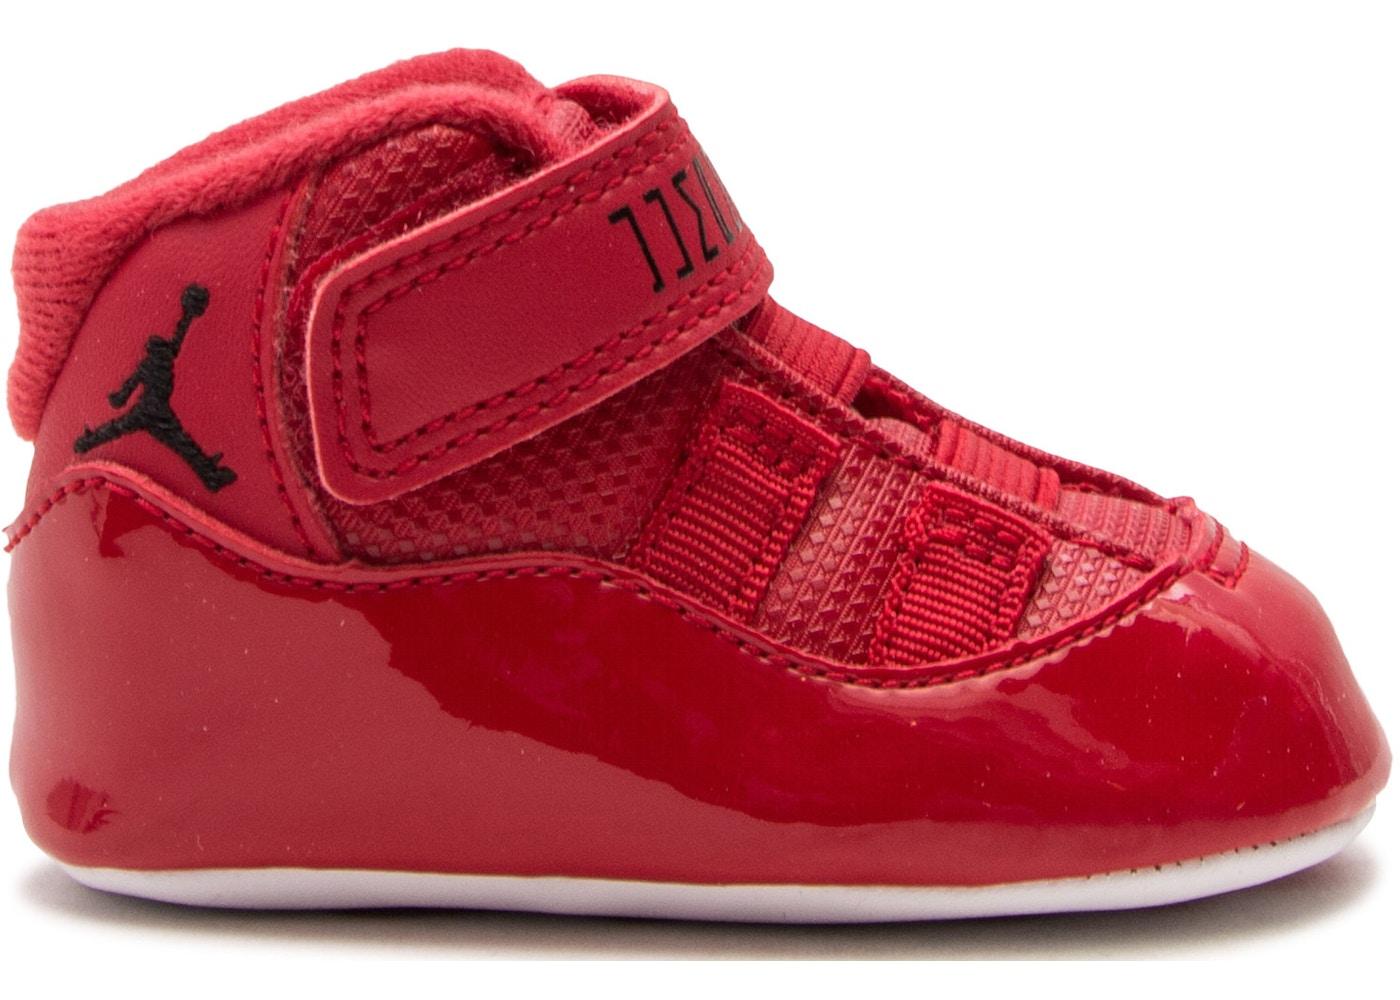 superior quality e7a4b e9ba8 Jordan 11 Retro Chicago Win Like 86 (I) Pack - 378049-623